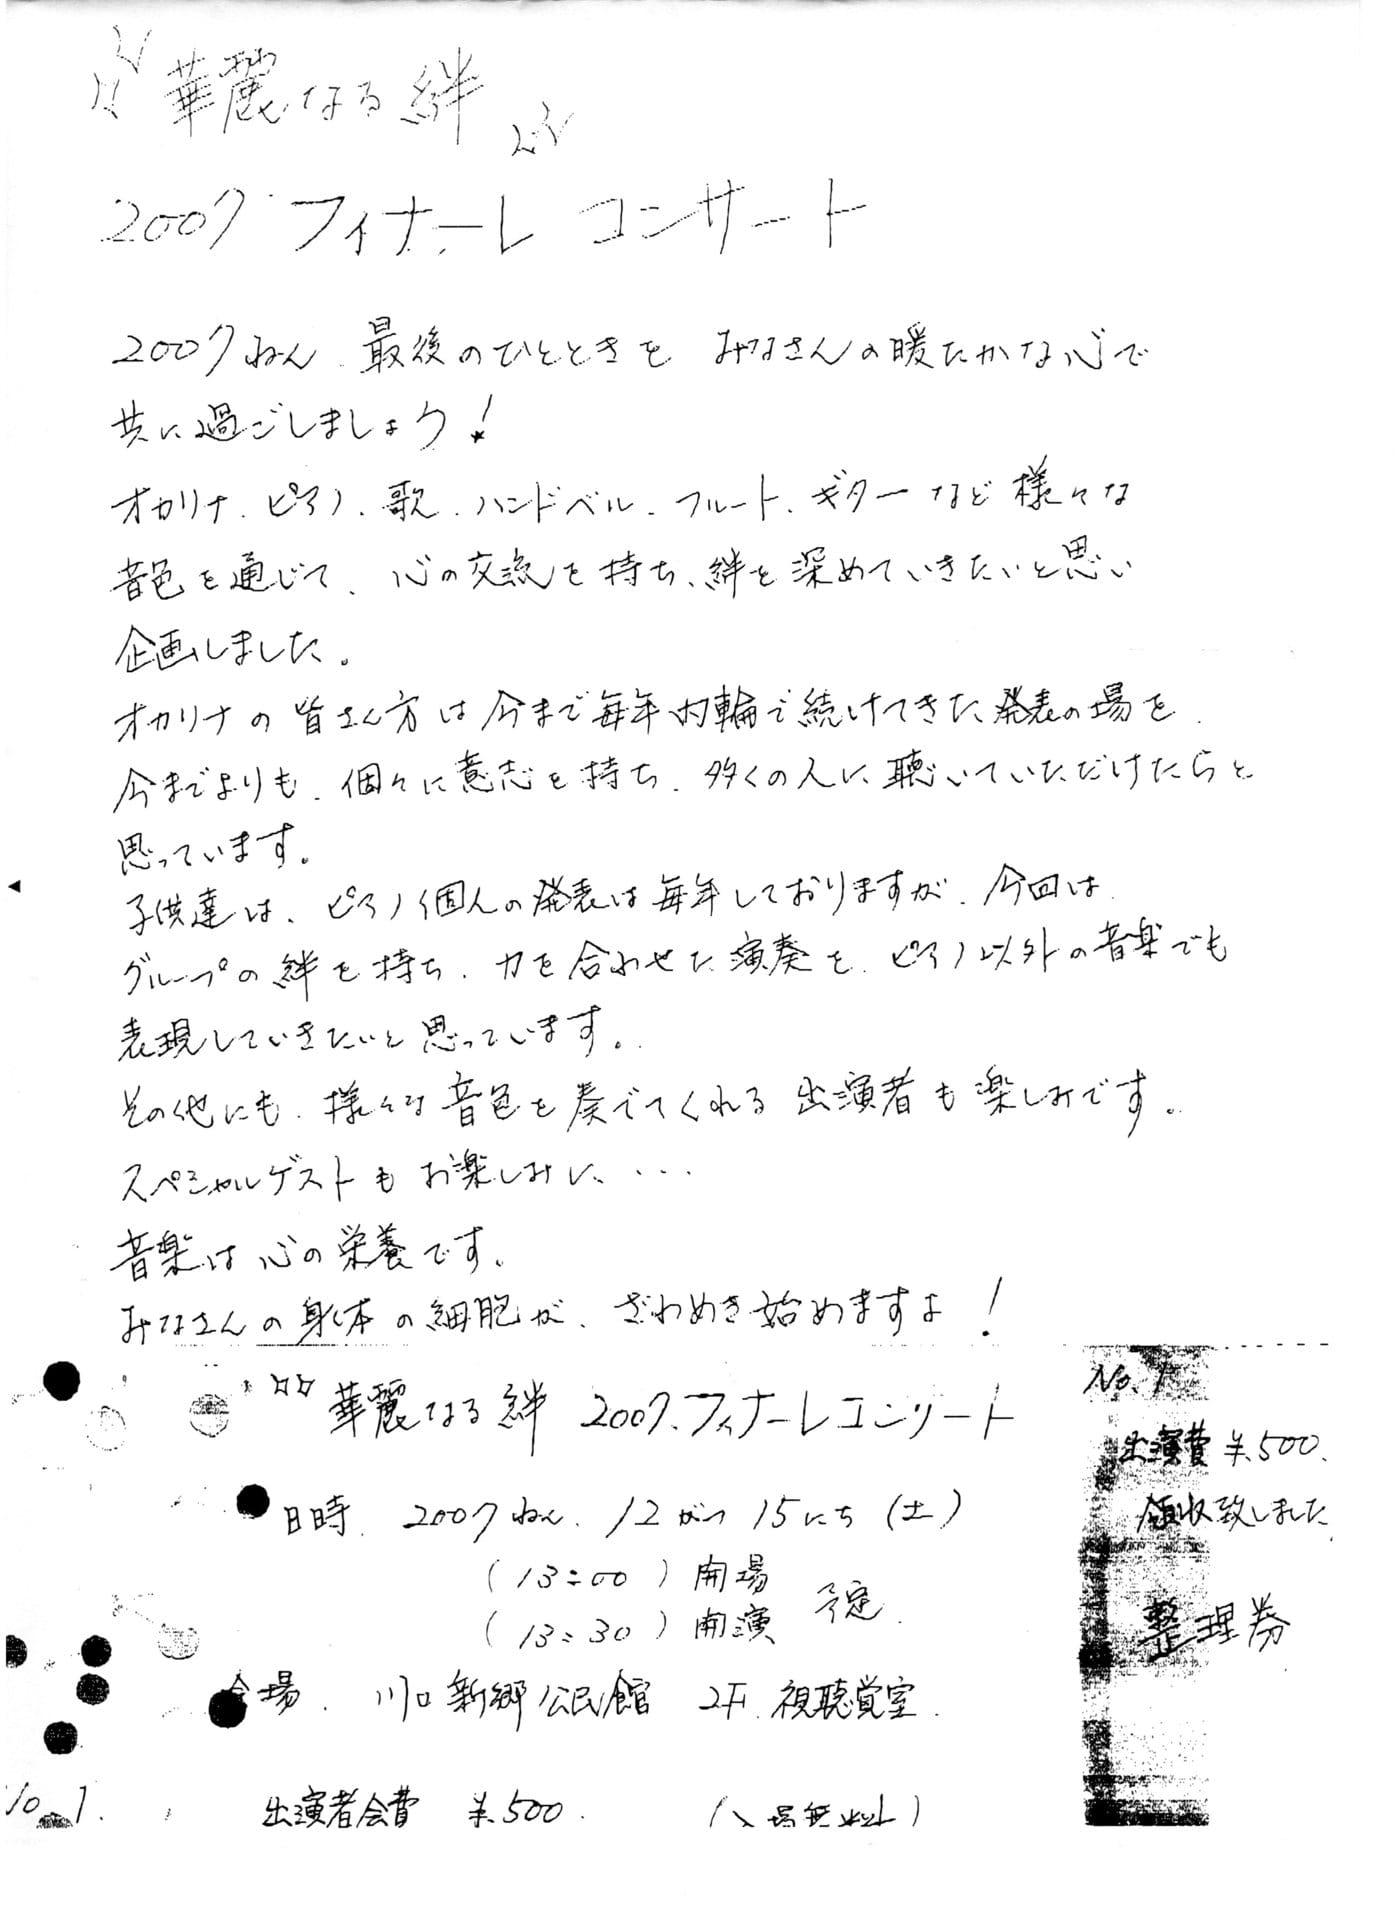 Cimg0430_3